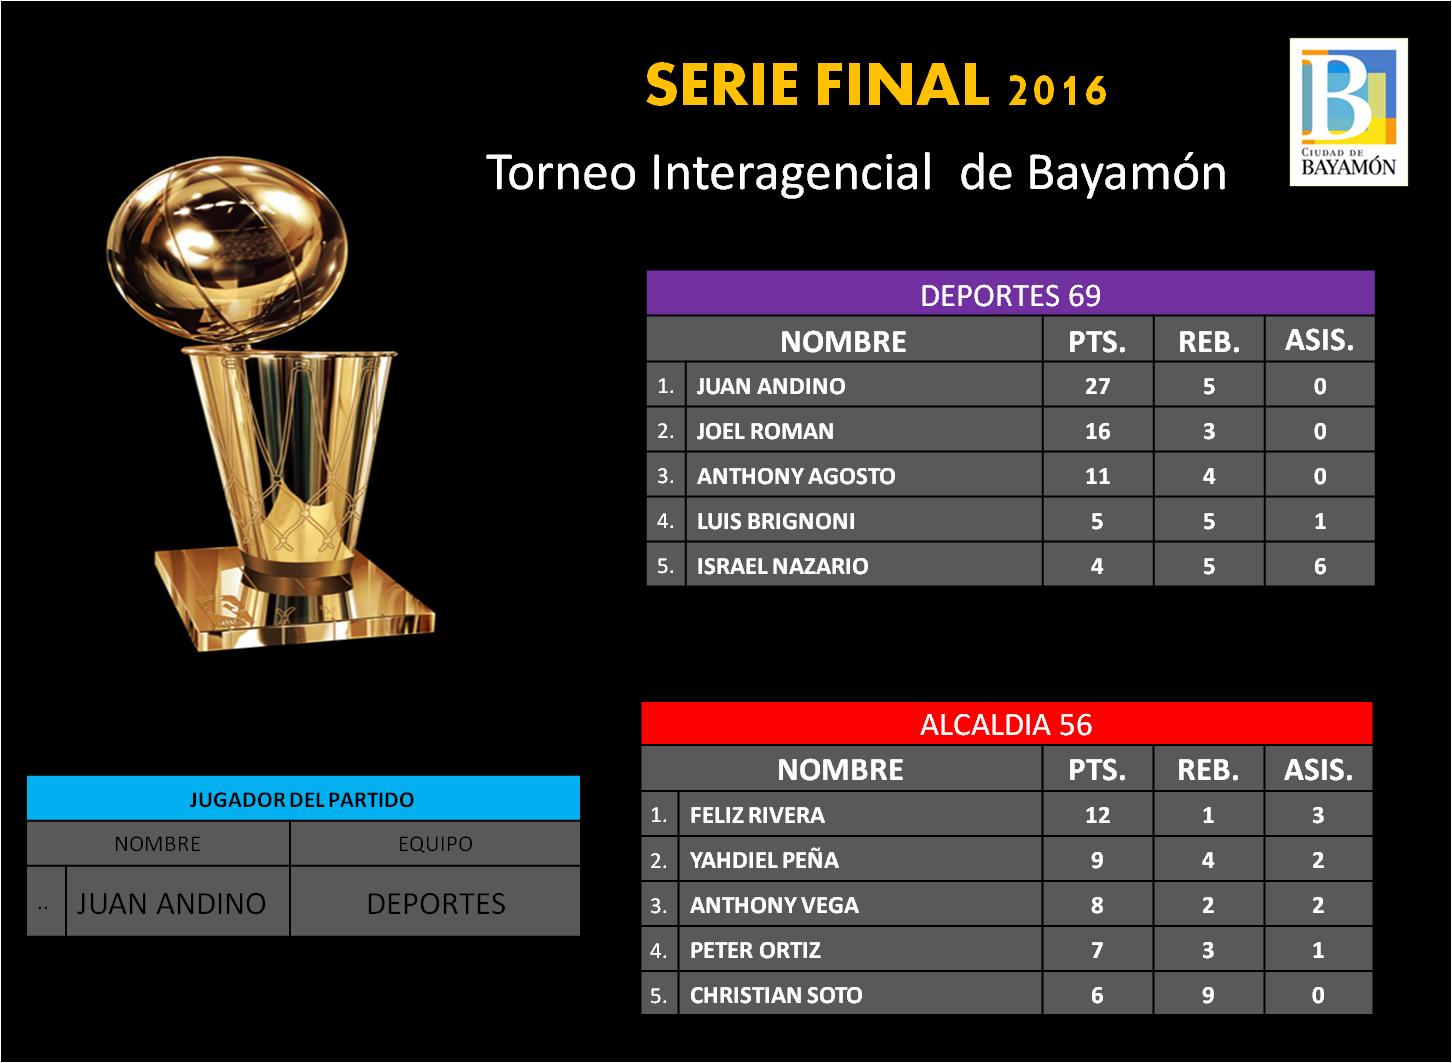 Serie Final Torneo Interagencial de Bayamón: 23 de mayo - Deportes 69 / Alcaldía 56